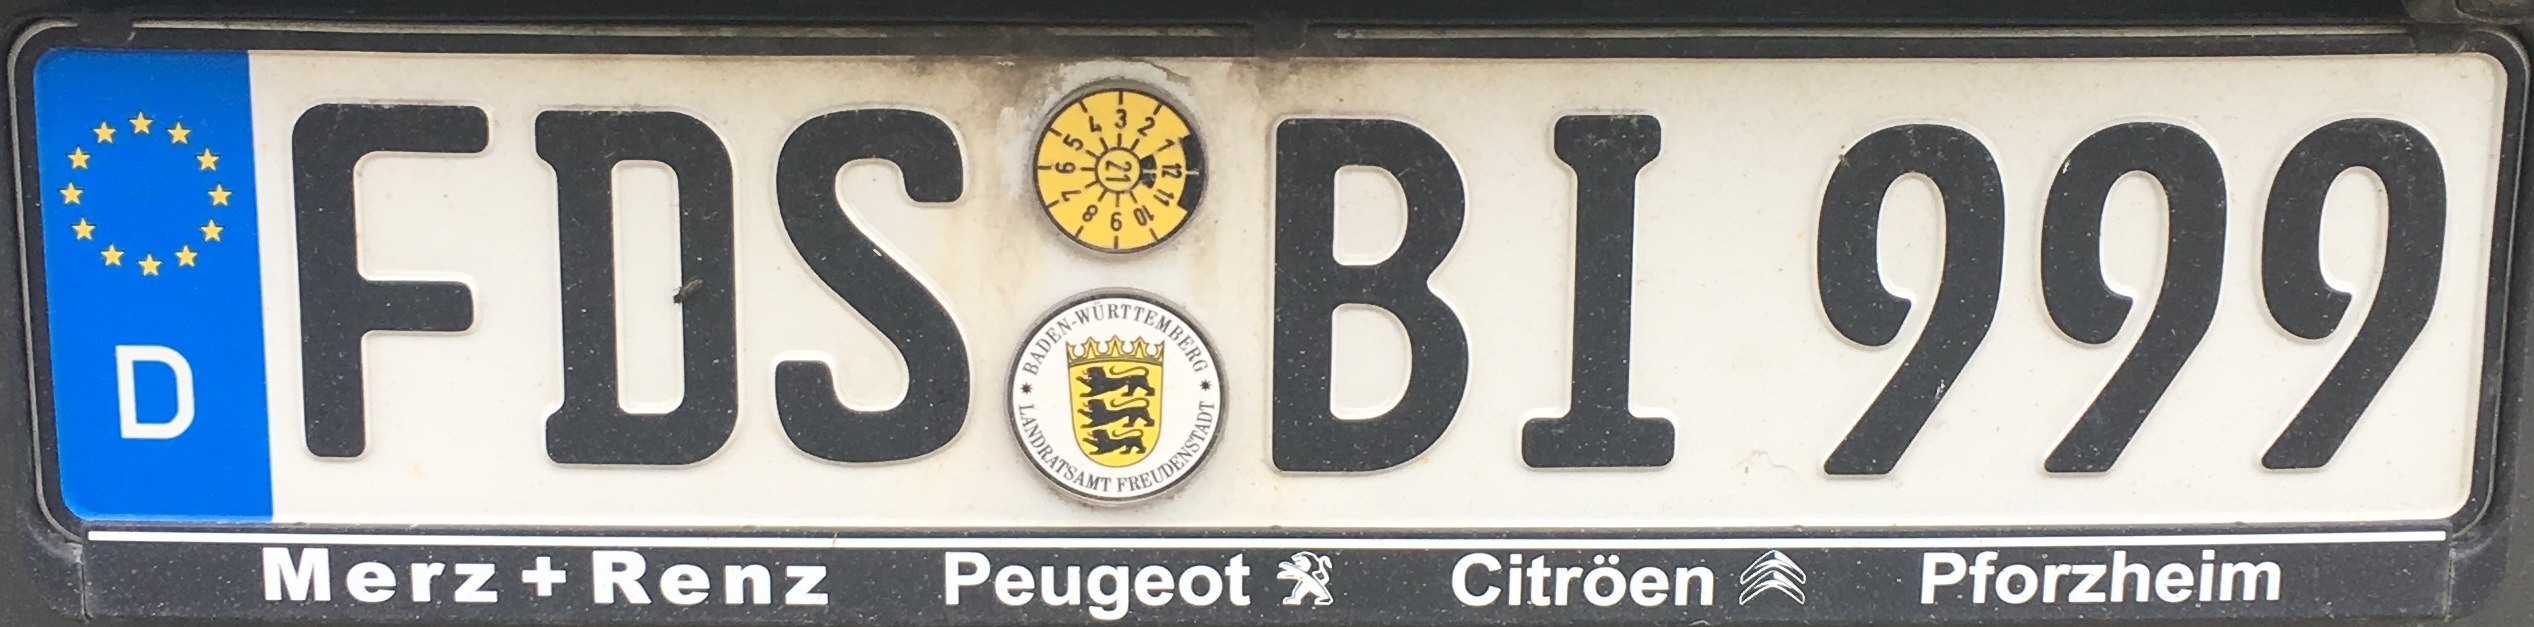 Registrační značka Německo - FDS - Freudenstadt, foto: www.podalnici.cz